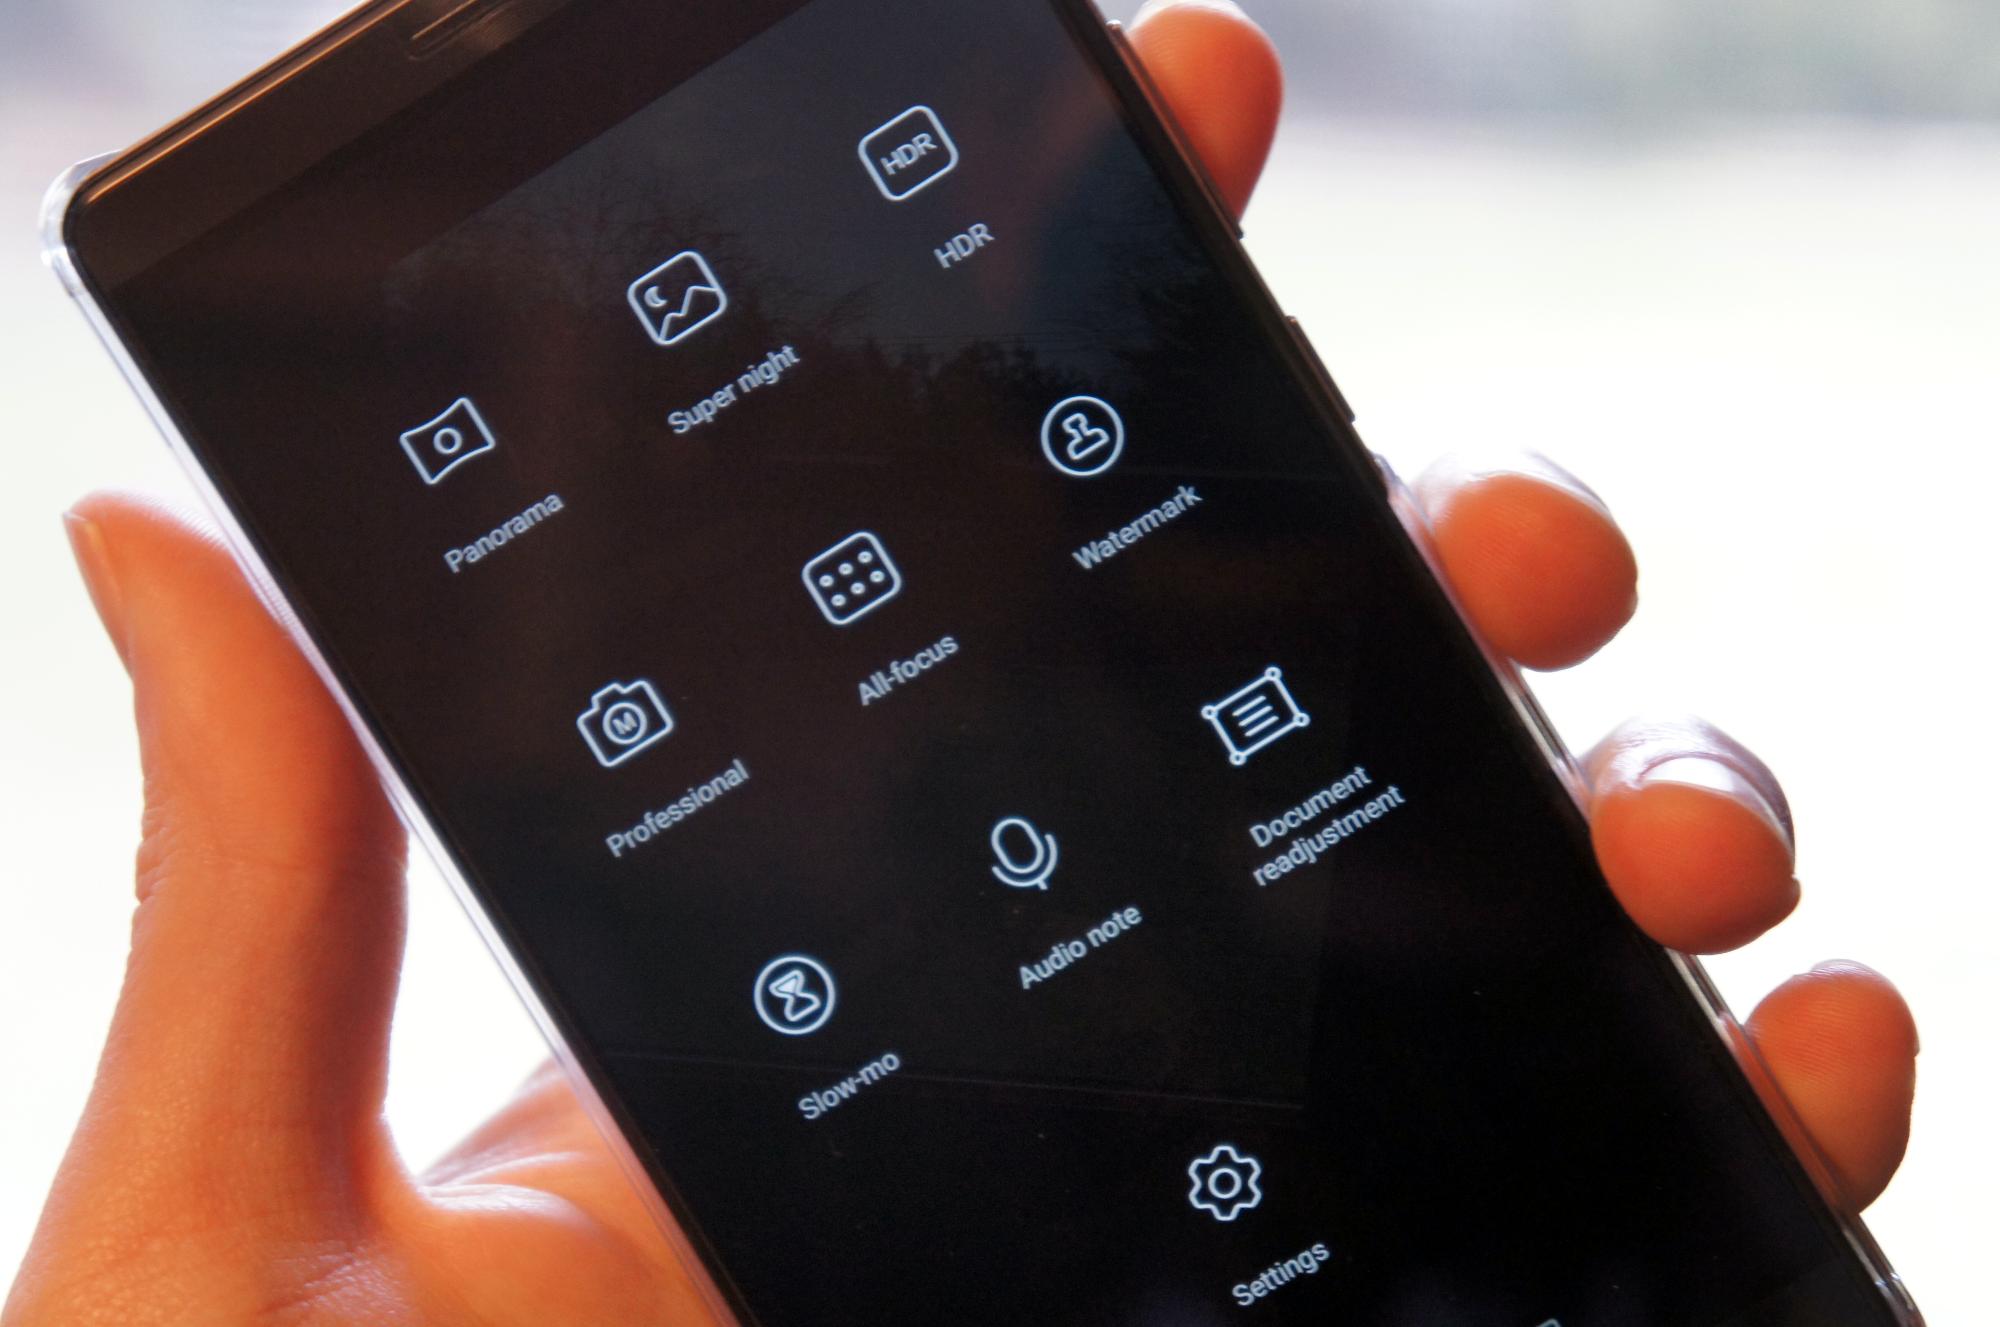 40+ Huawei Mate 8 Tips & Tricks